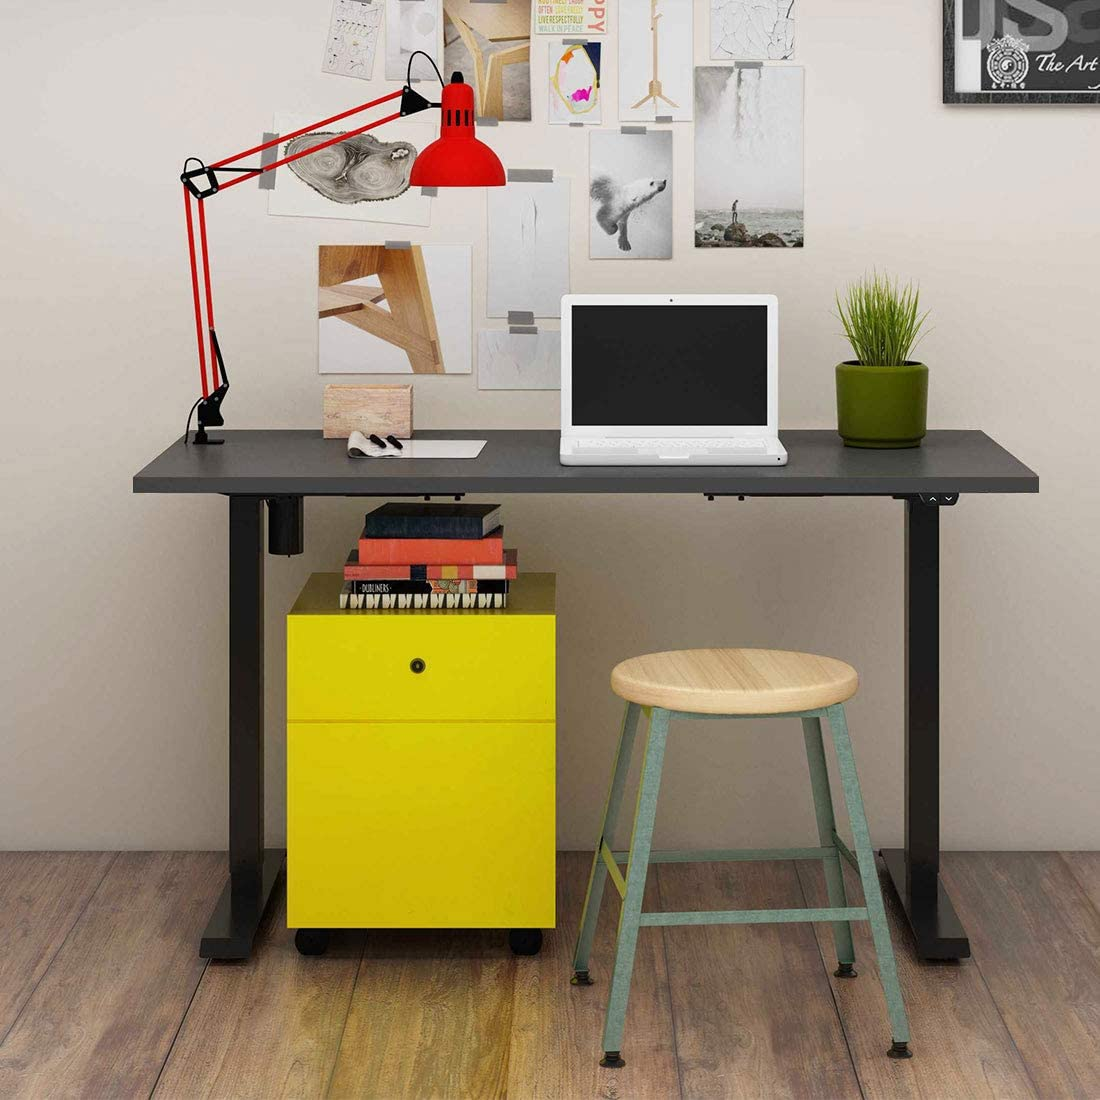 Gợi ý bạn những mẫu bàn làm việc tại nhà giúp bạn nâng cao hiệu suất làm việc như tại công ty - Ảnh 2.